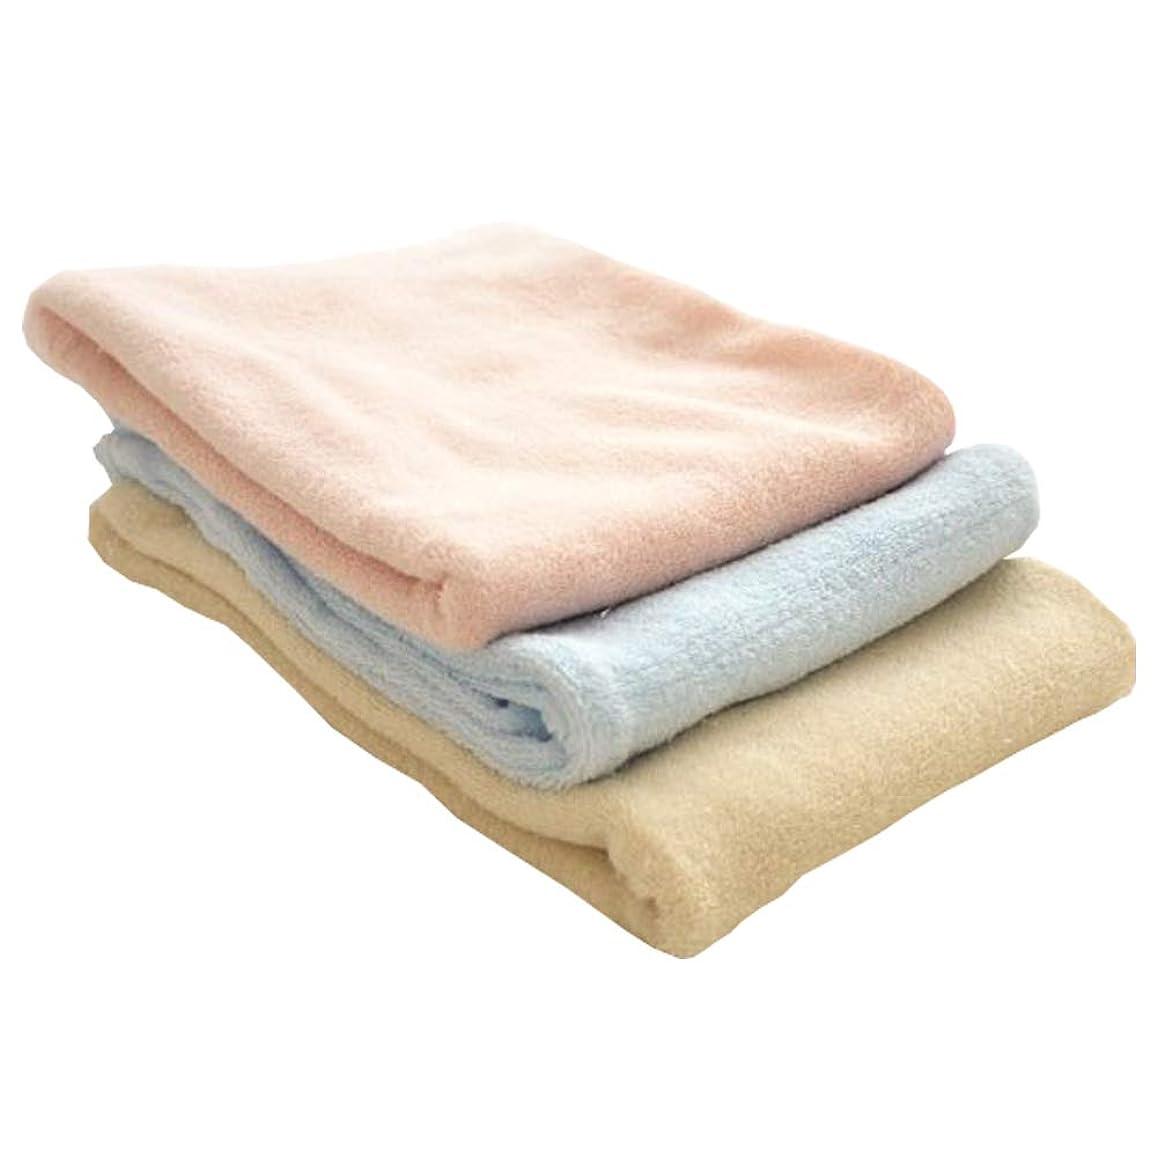 服を片付ける与える拒否のびのび枕カバー 32×53cm 綿100% パイル地 筒状タイプ 43×63cm用 35×50cm用 NP-3253 ピンク